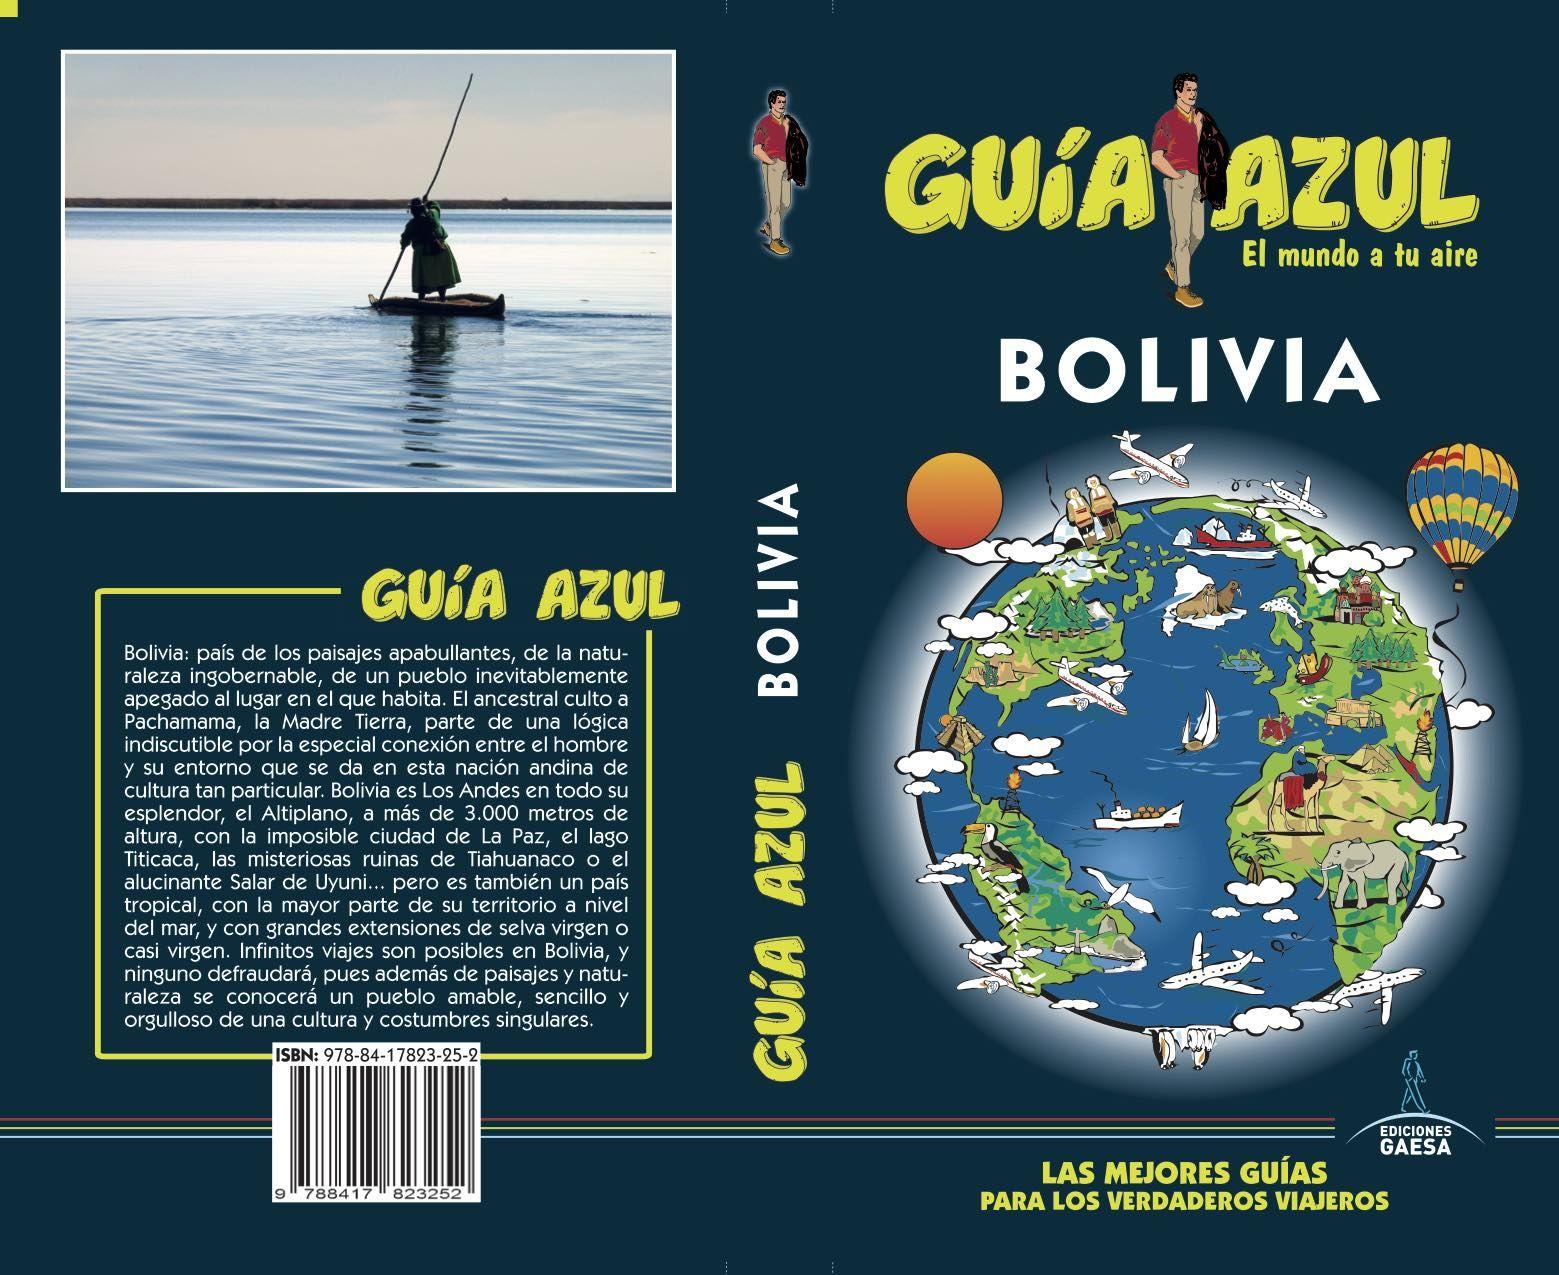 BOLIVIA GUIA AZUL